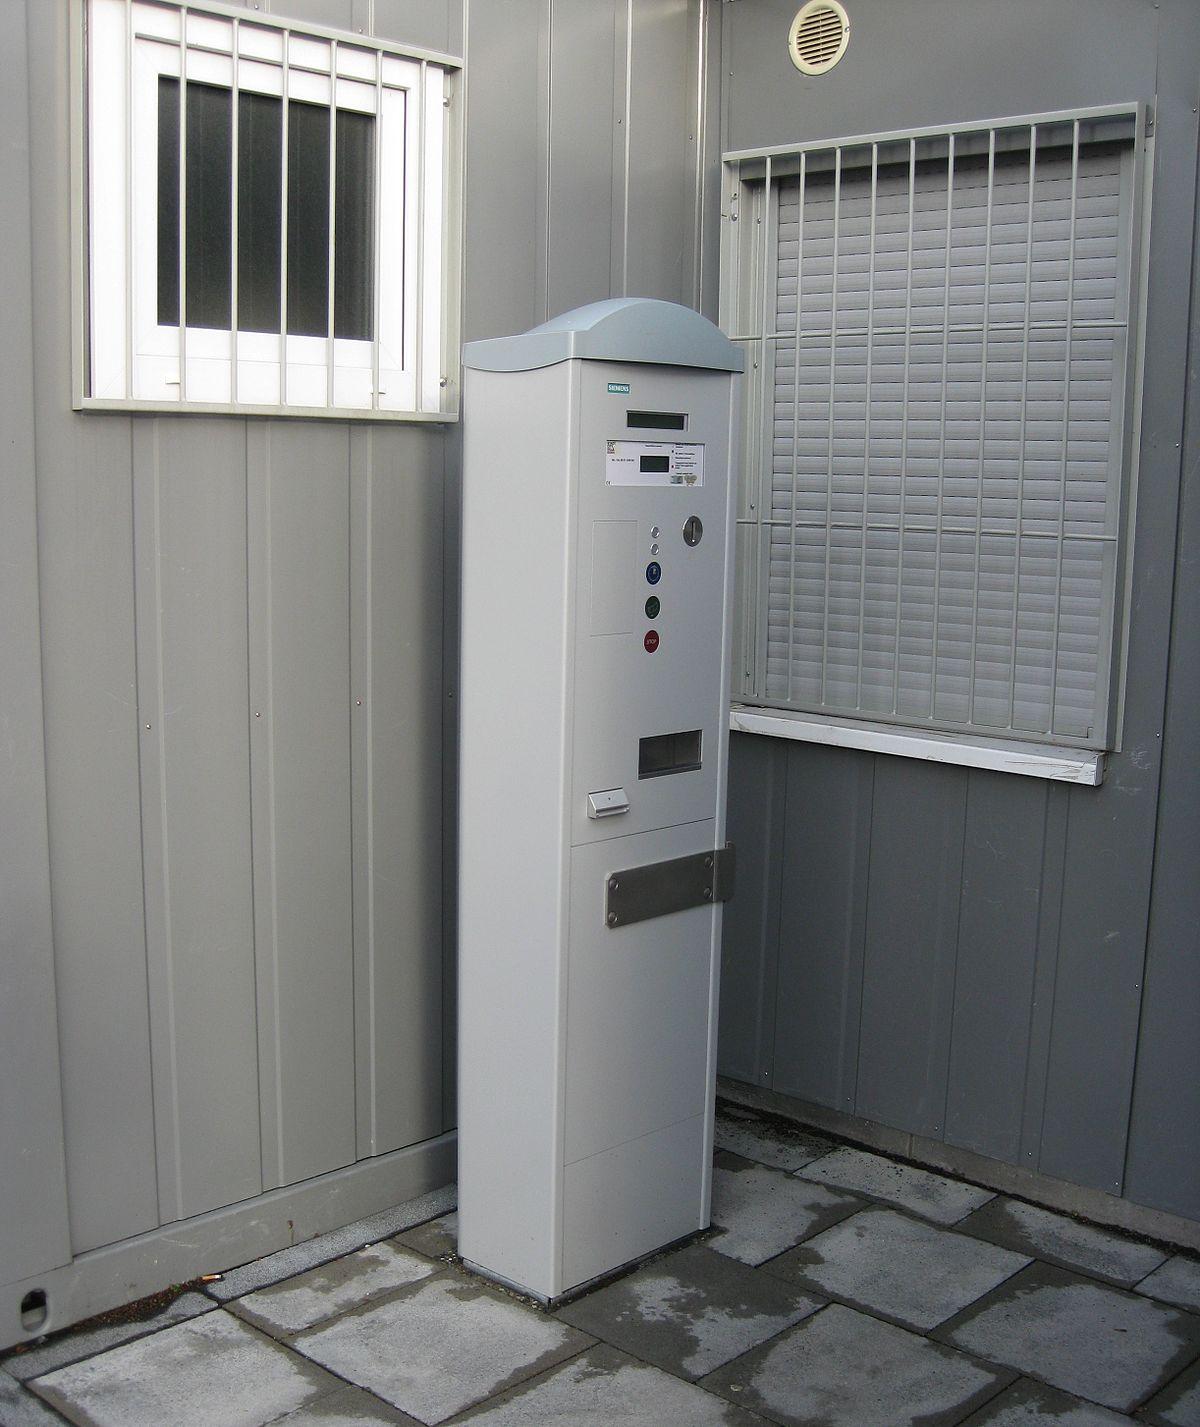 2011-12-15 Bonn Steuerticketautomat.JPG